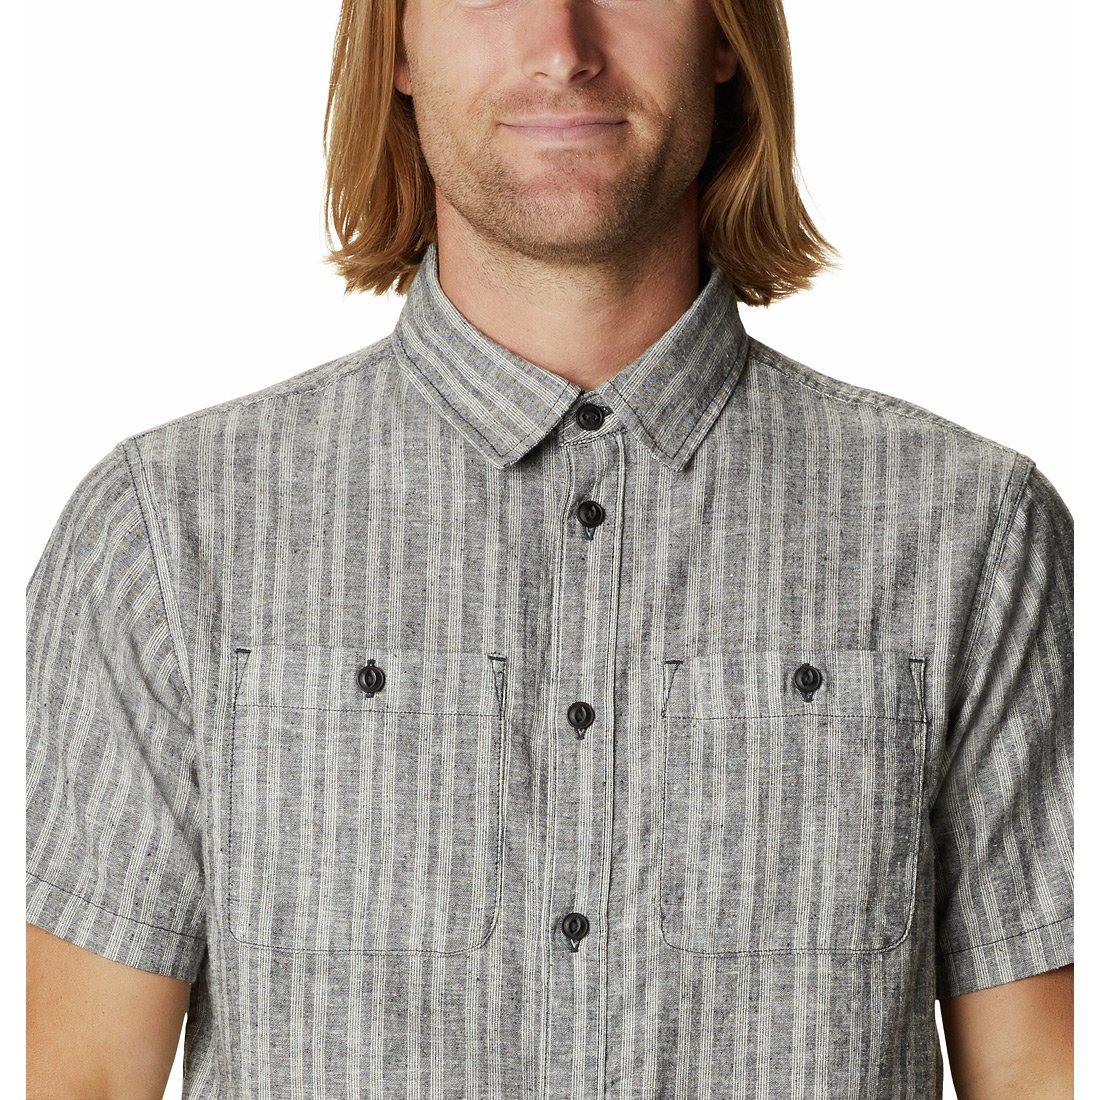 חולצה לגברים - Piney Creek S/S - Mountain Hardwear